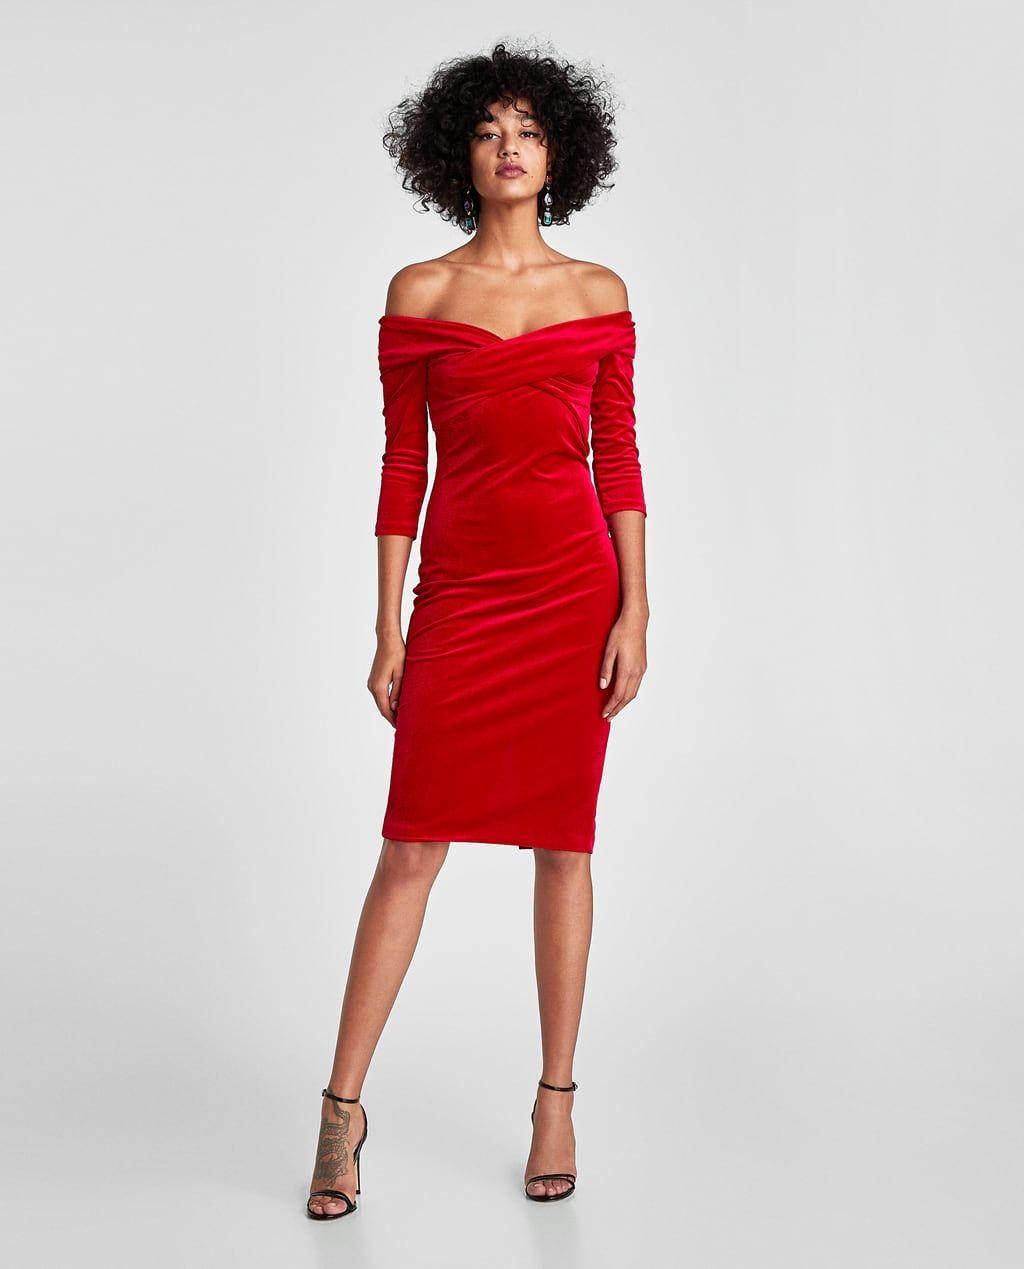 f6a9c122 Image 1 of VELVET TUBE DRESS from Zara | zara faves. | Dresses, Red ...